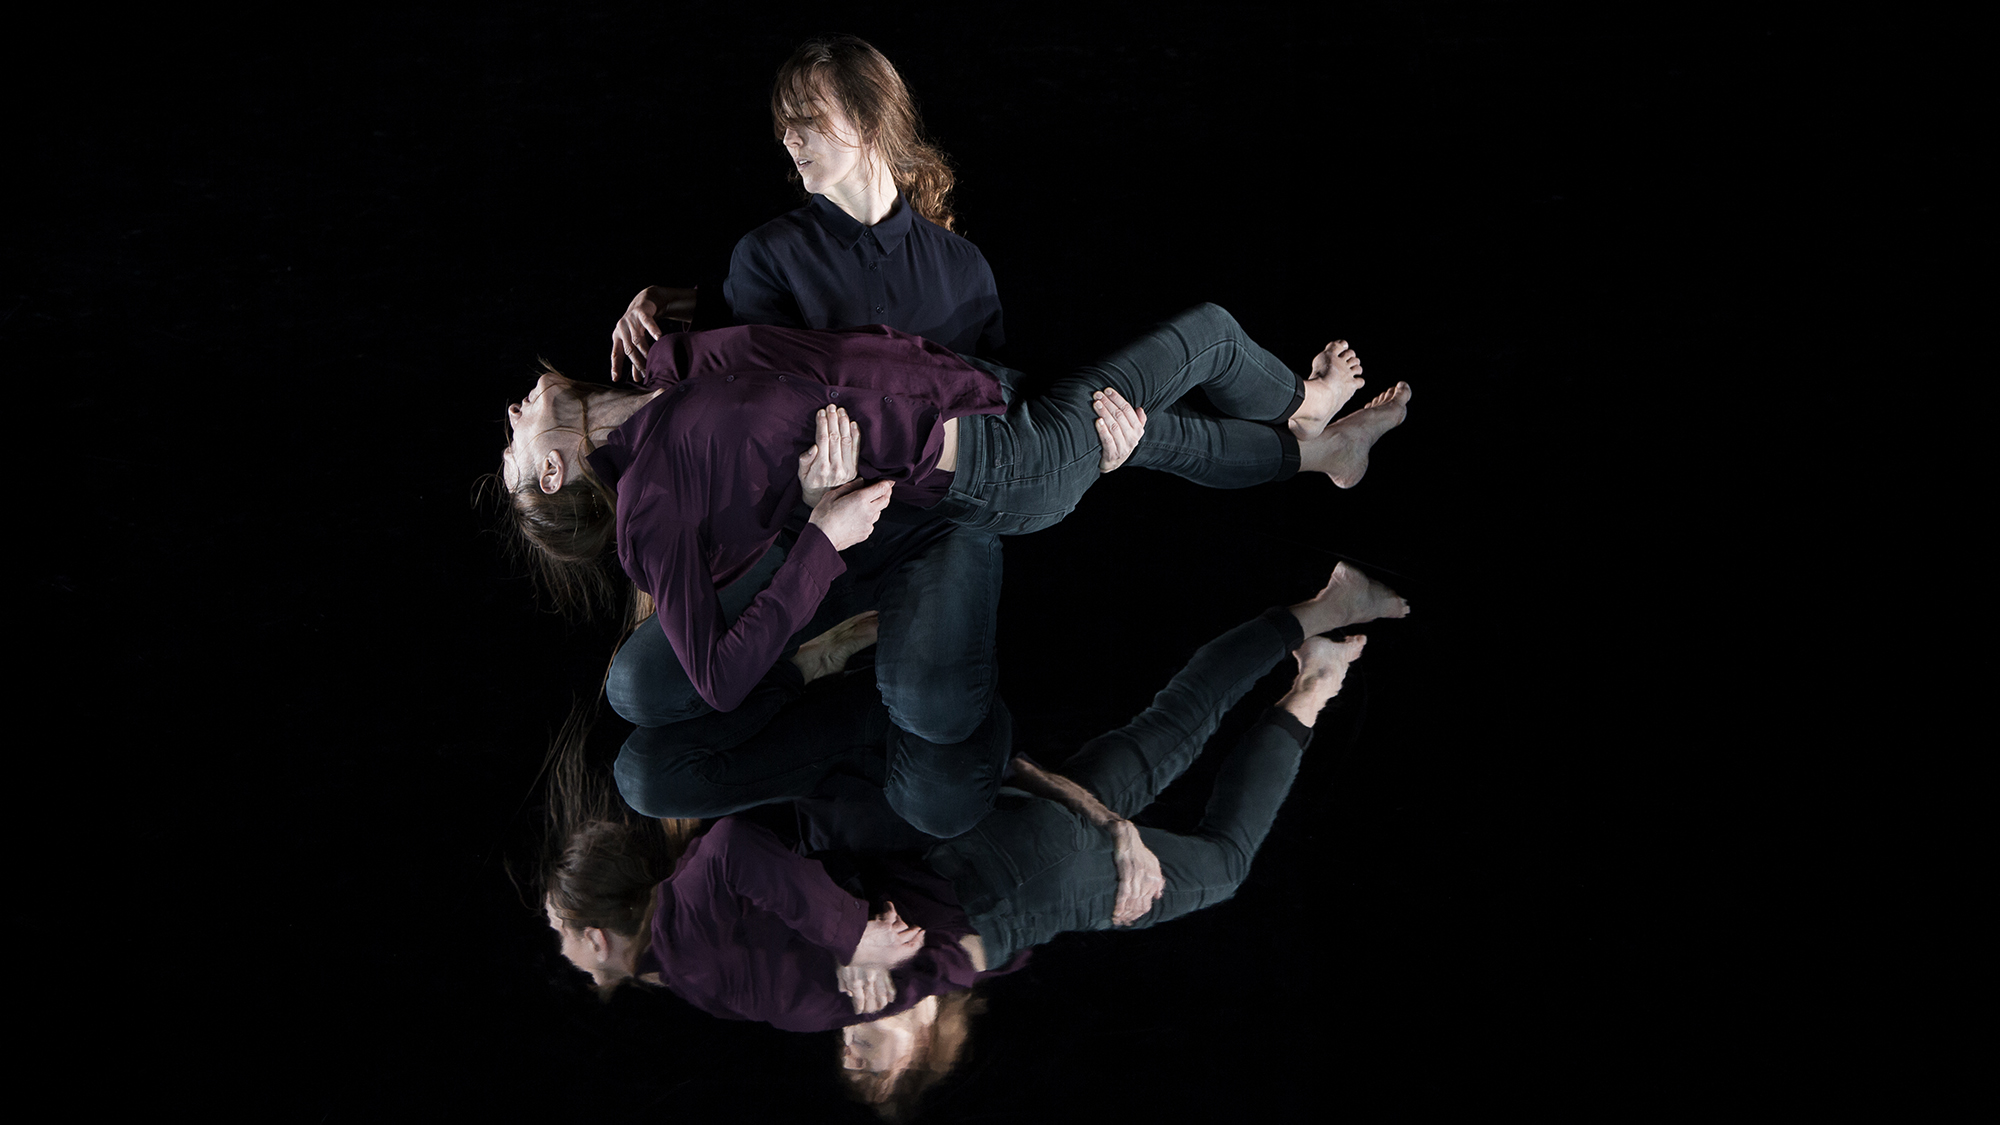 Der Tanz ist endlich: Tabea Martin und Simona Bertozza in der Pietà-Pose.